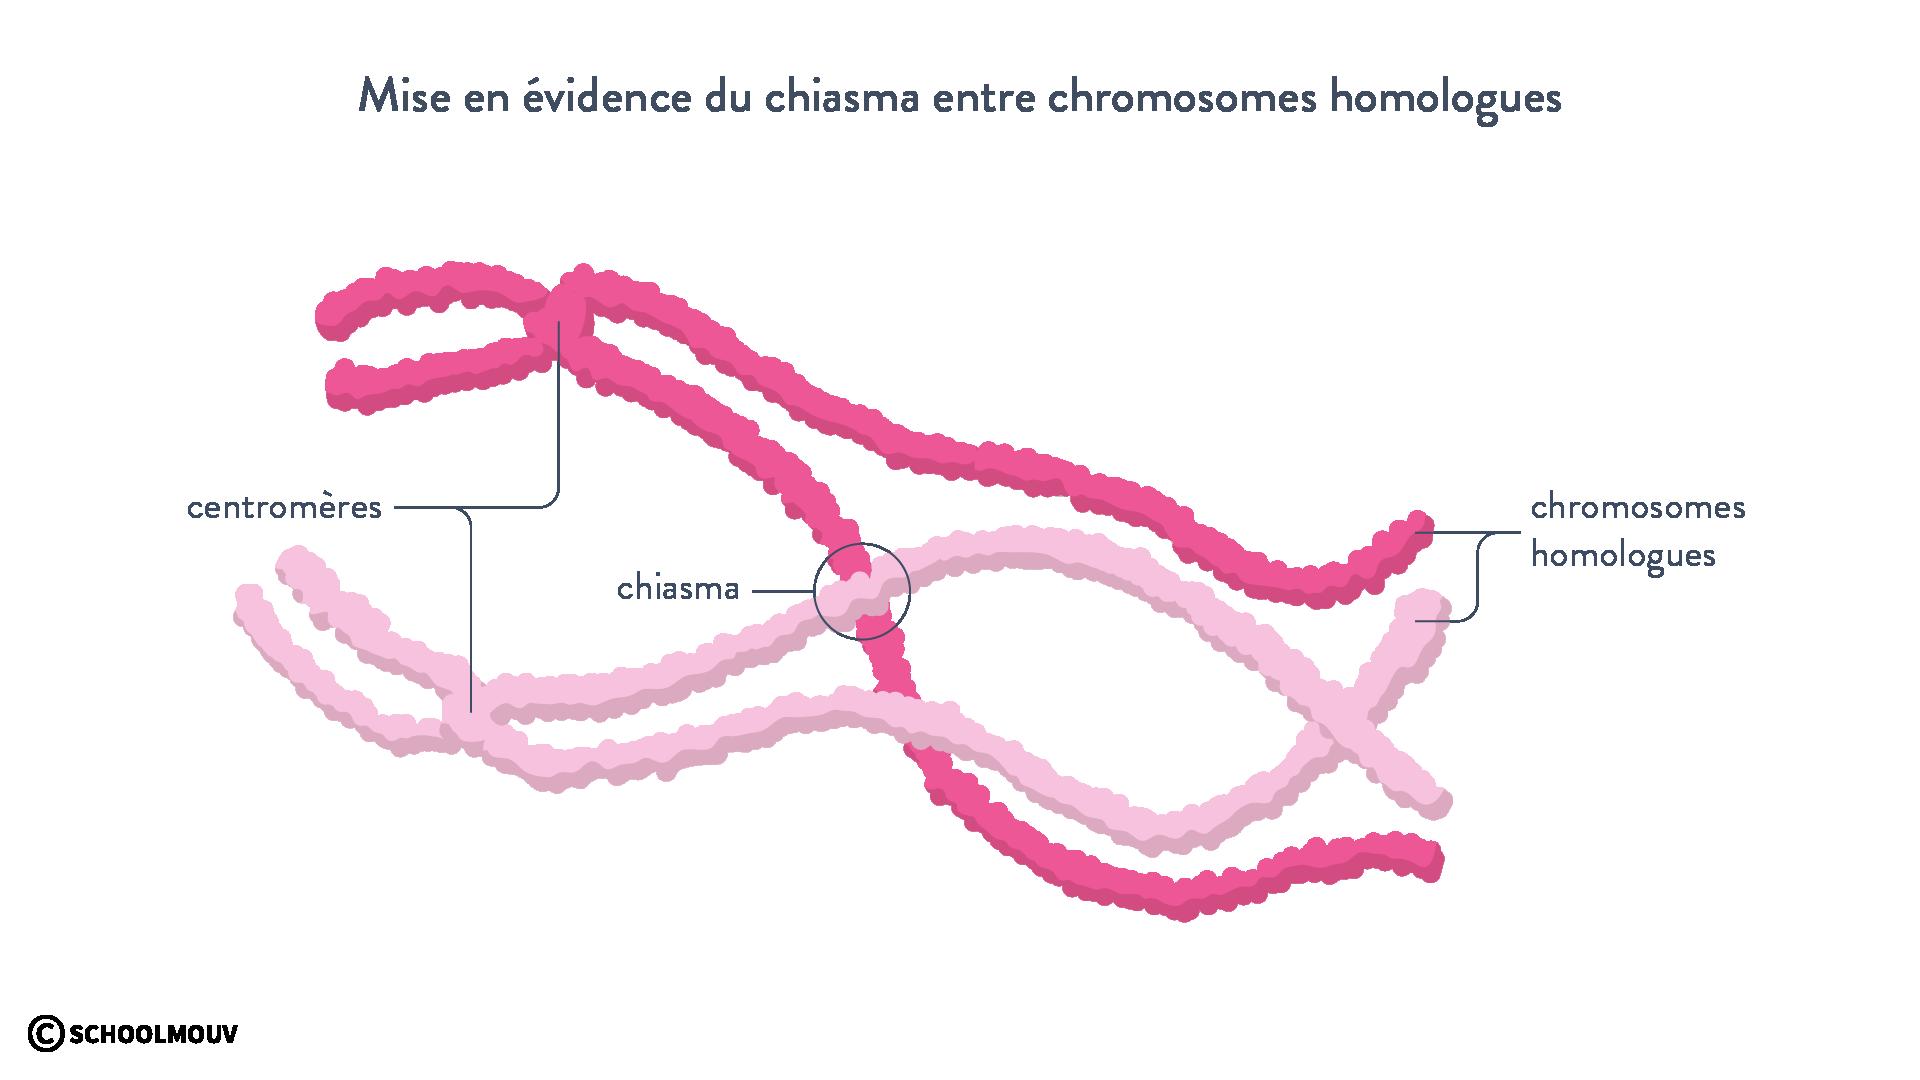 Mise en évidence du chiasma entre chromosomes homologues (observation en microscopie électronique et schéma associé)